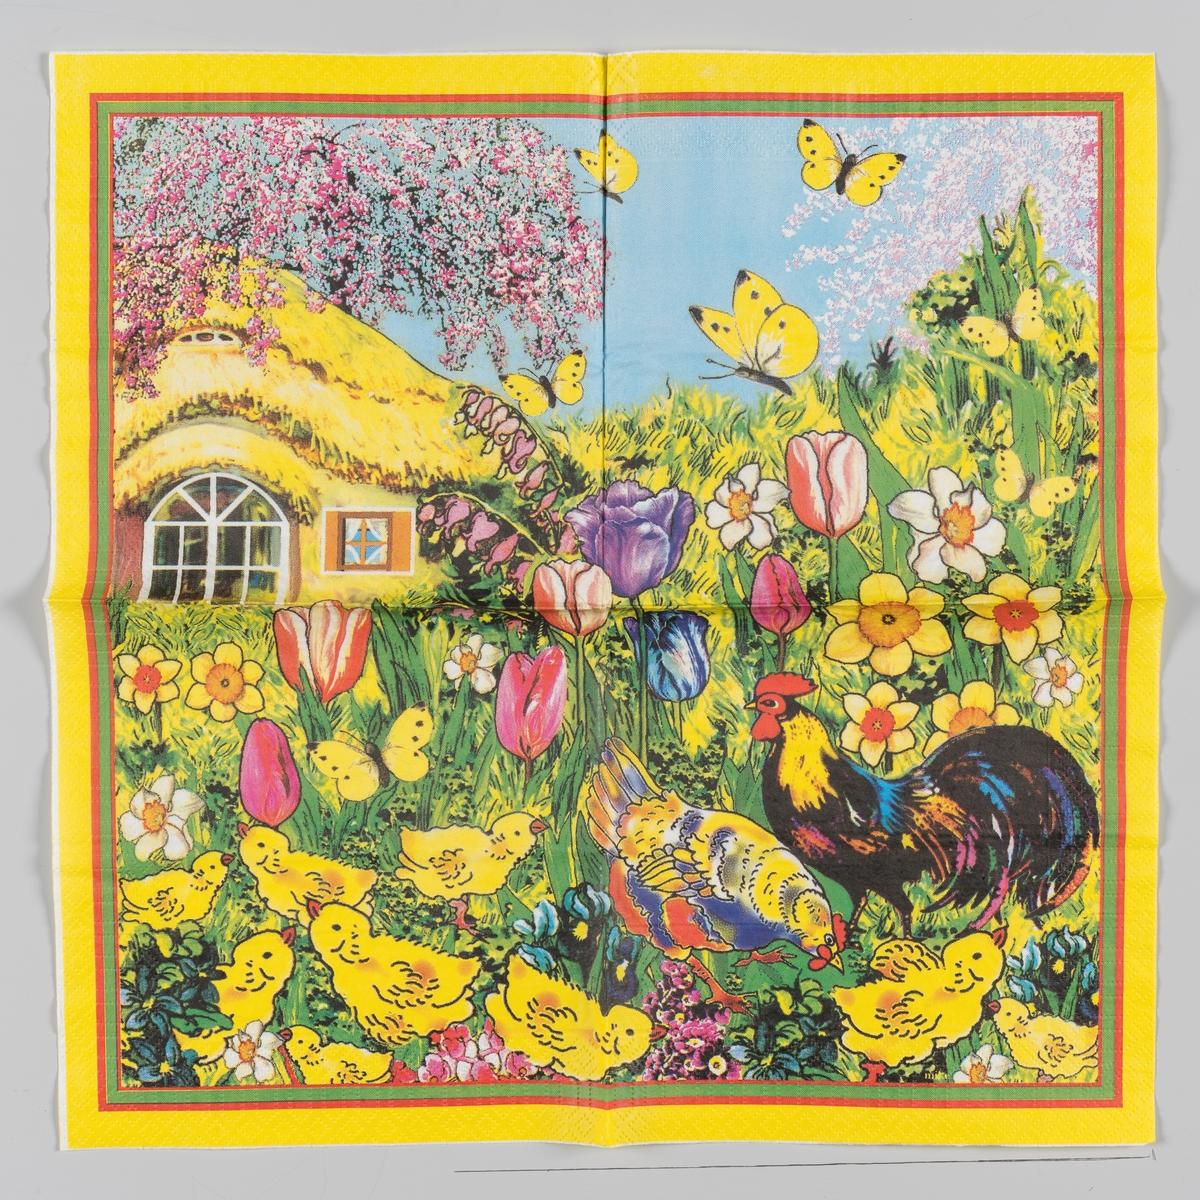 en hane og en hønse sammen med en flokk kyllinger i en hage med påskeliljer, pinseliljer, tulipaner, stemorsblomst og andre vårblomster. I bakgrunnen et hus med stråtak, fruktreer i blomst og gule sommerfugler på en lysblå himmel. Røde, grønne og gule kantstriper